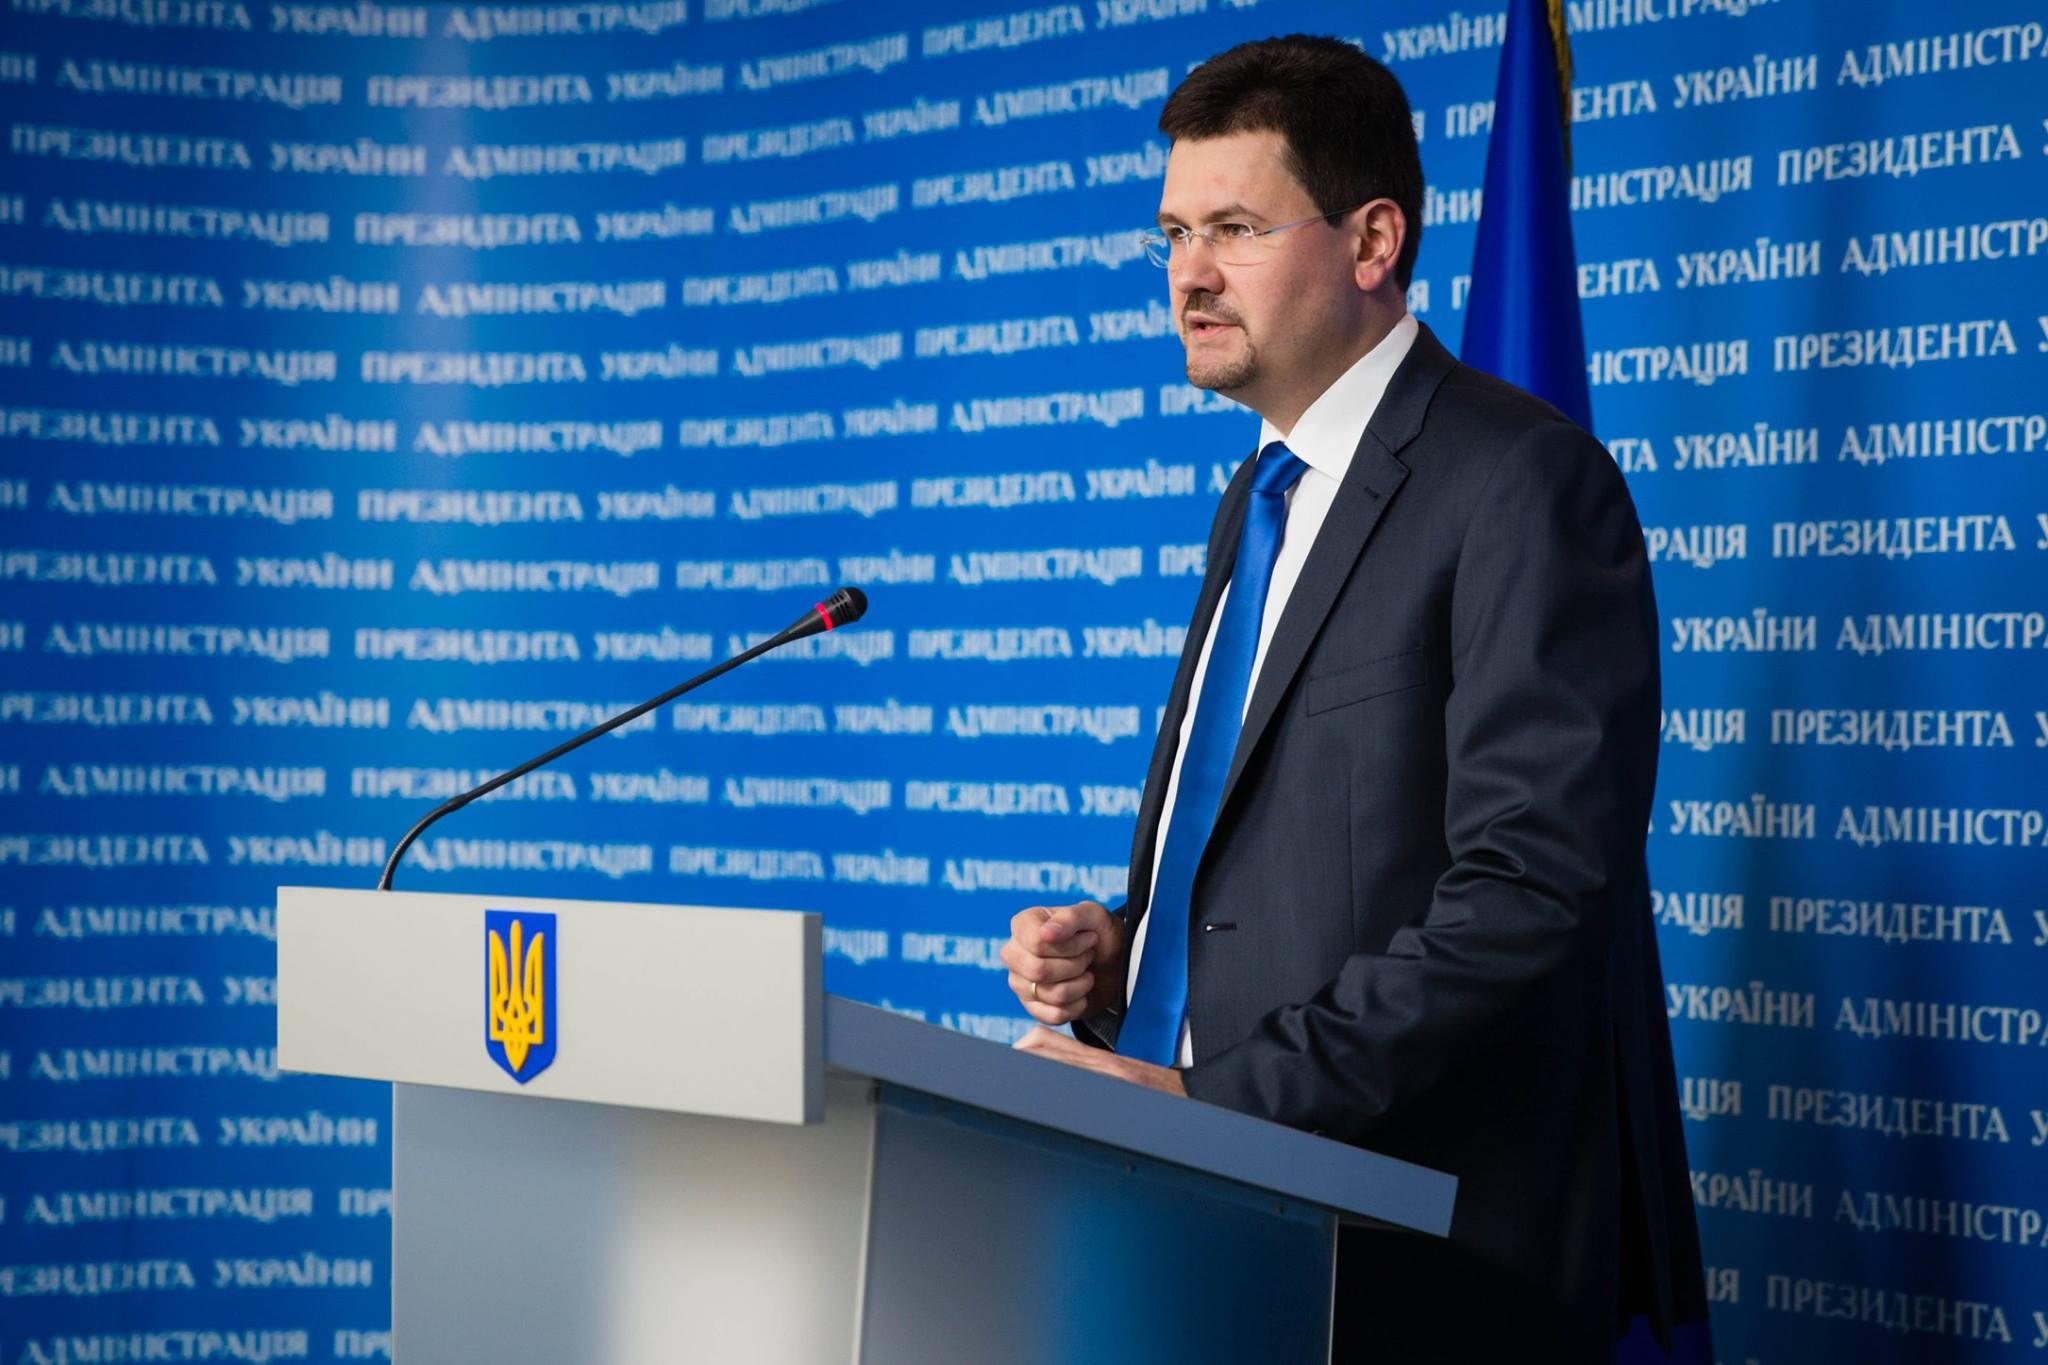 Дешевым иномаркам в Украине быть? Администрация Президента опровергает информацию об историческом вето 1